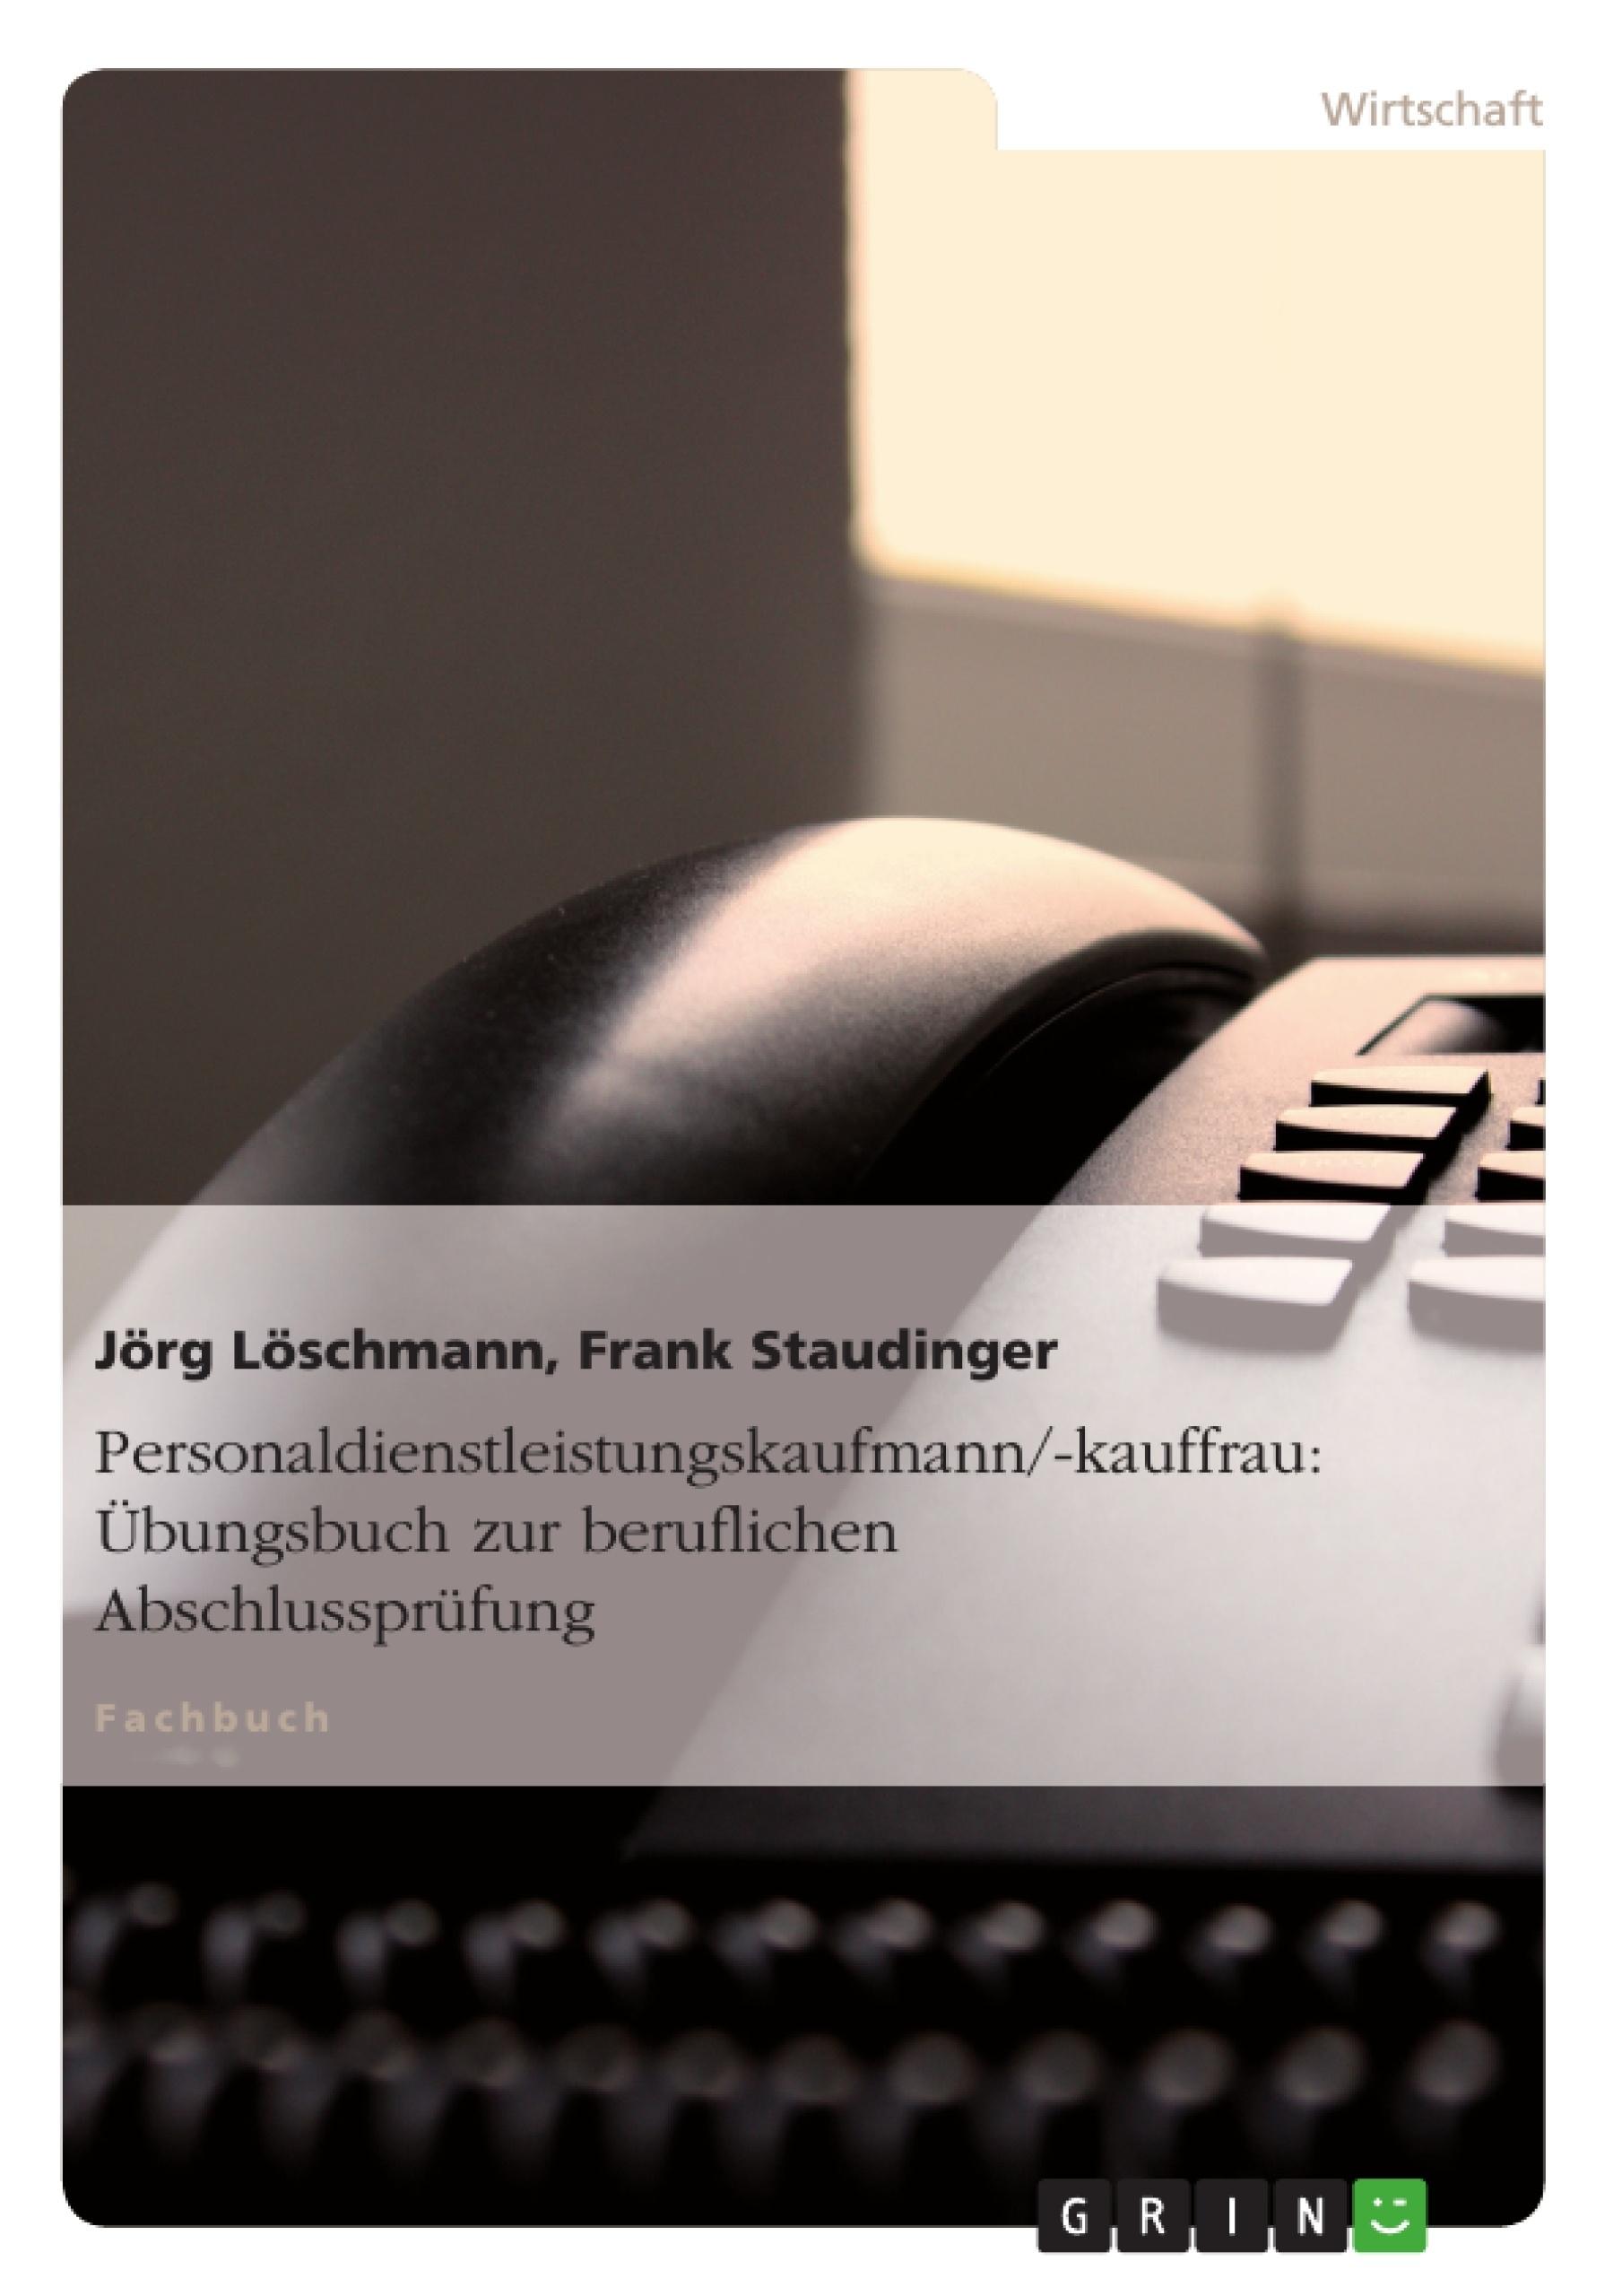 Titel: Personaldienstleistungskaufmann/-kauffrau: Übungsbuch zur beruflichen Abschlussprüfung